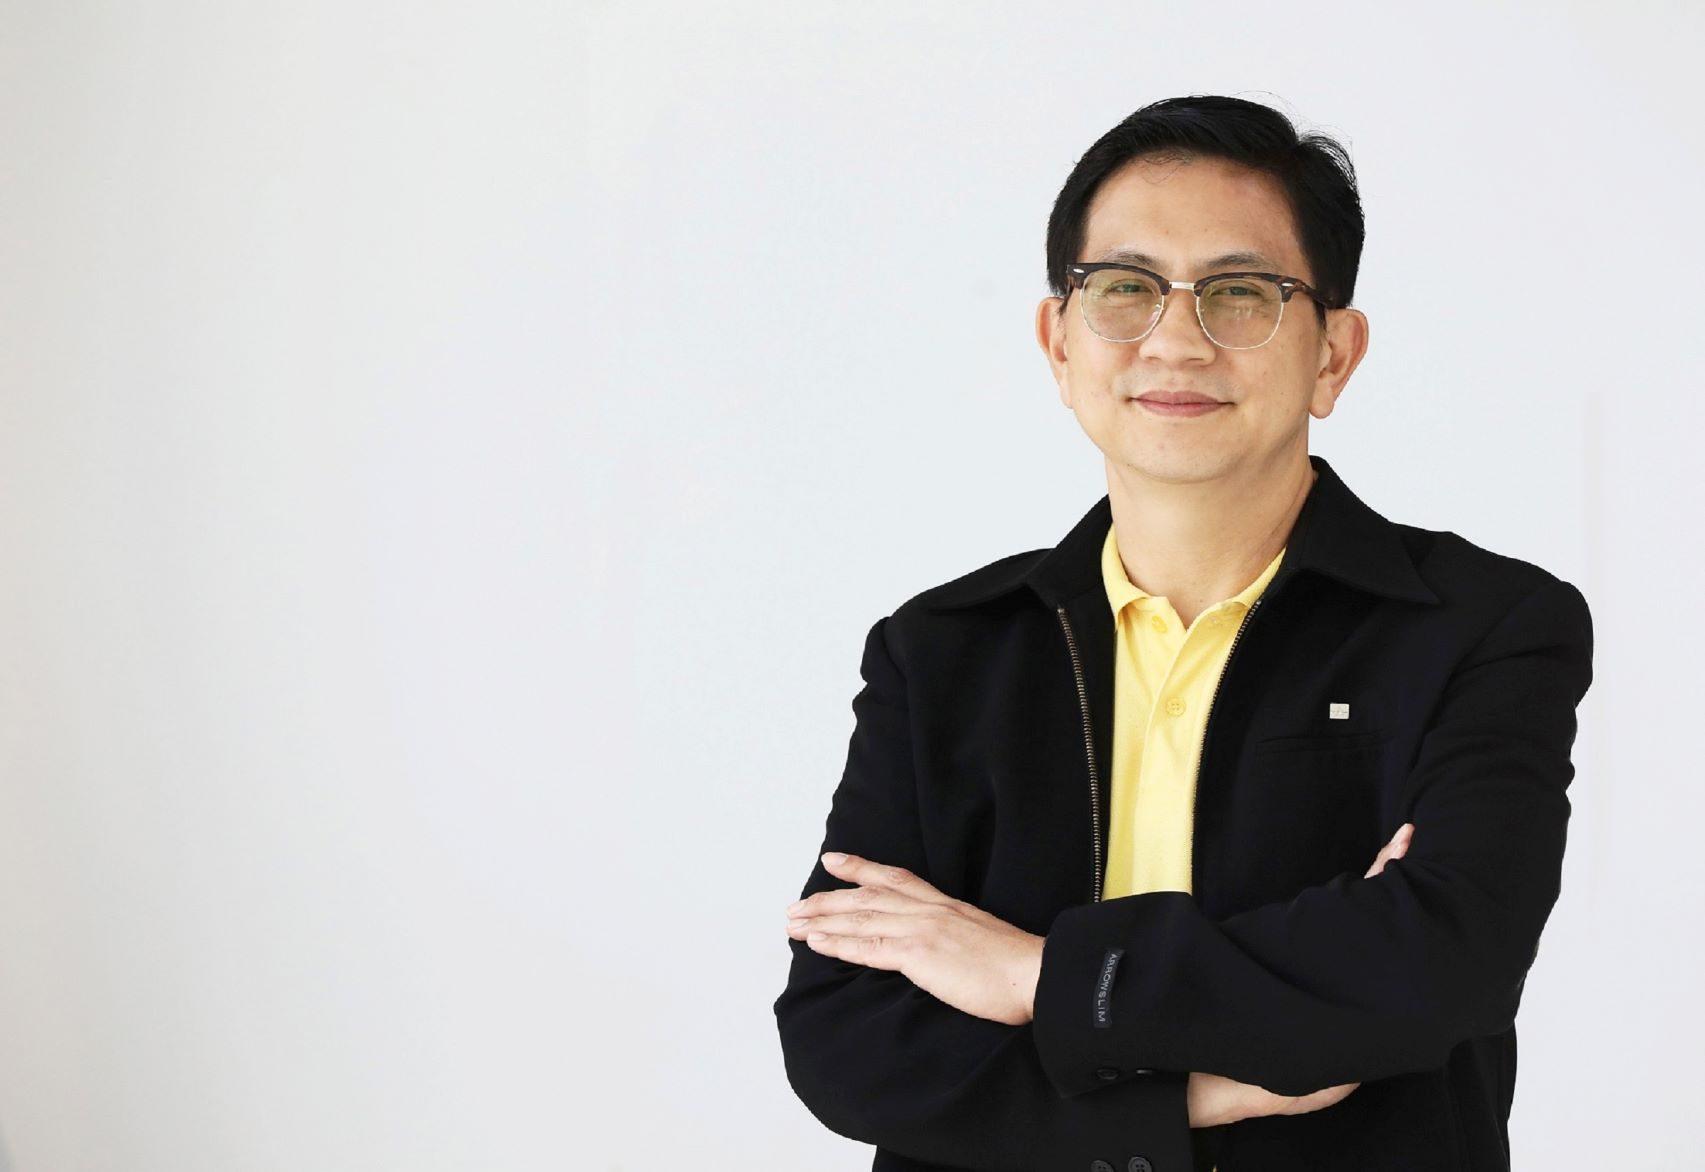 แอสตร้าเซนเนก้า(ประเทศไทย) ผนึก เขตสุขภาพที่ 1 กระทรวงสาธารณสุขเร่งเครื่องโครงการ  Healthy Lung Thailand ยกระดับมาตรฐานสุขภาพประชาชนต่อเนื่อง